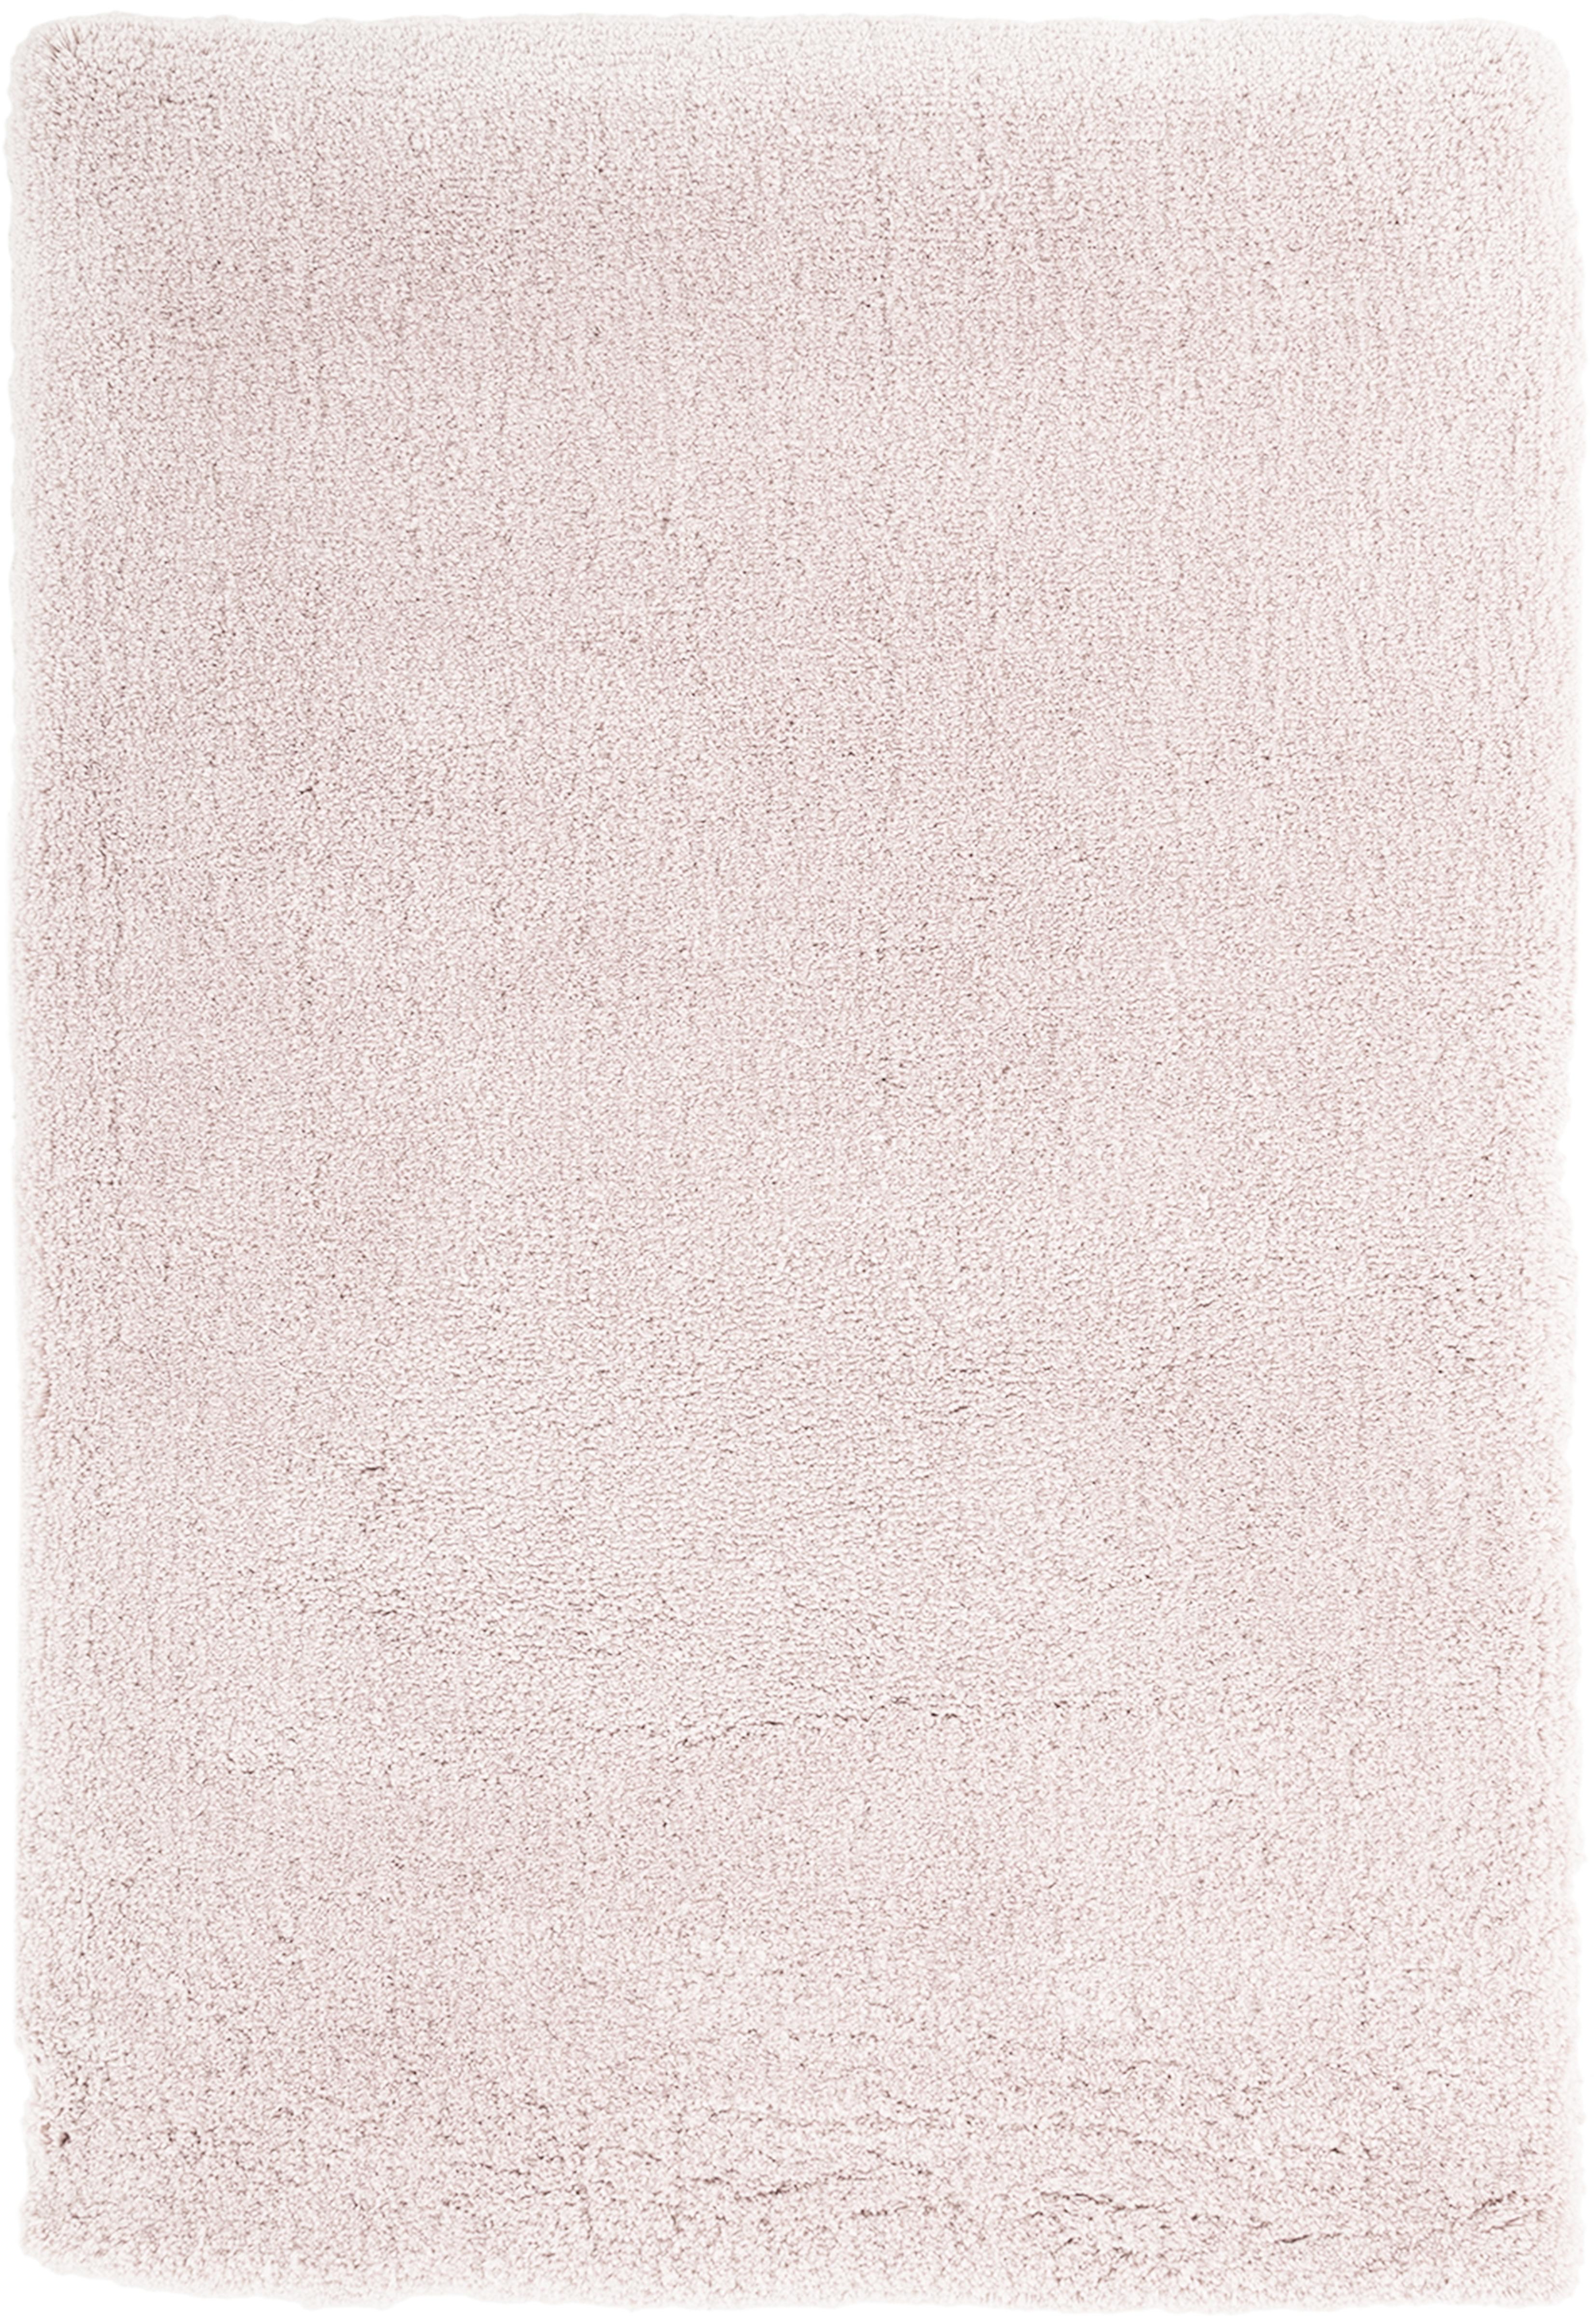 Tappeto peloso morbido rosa Leighton, Retro: 70% poliestere, 30% coton, Rosa, Larg. 120 x Lung. 180 cm (taglia S)